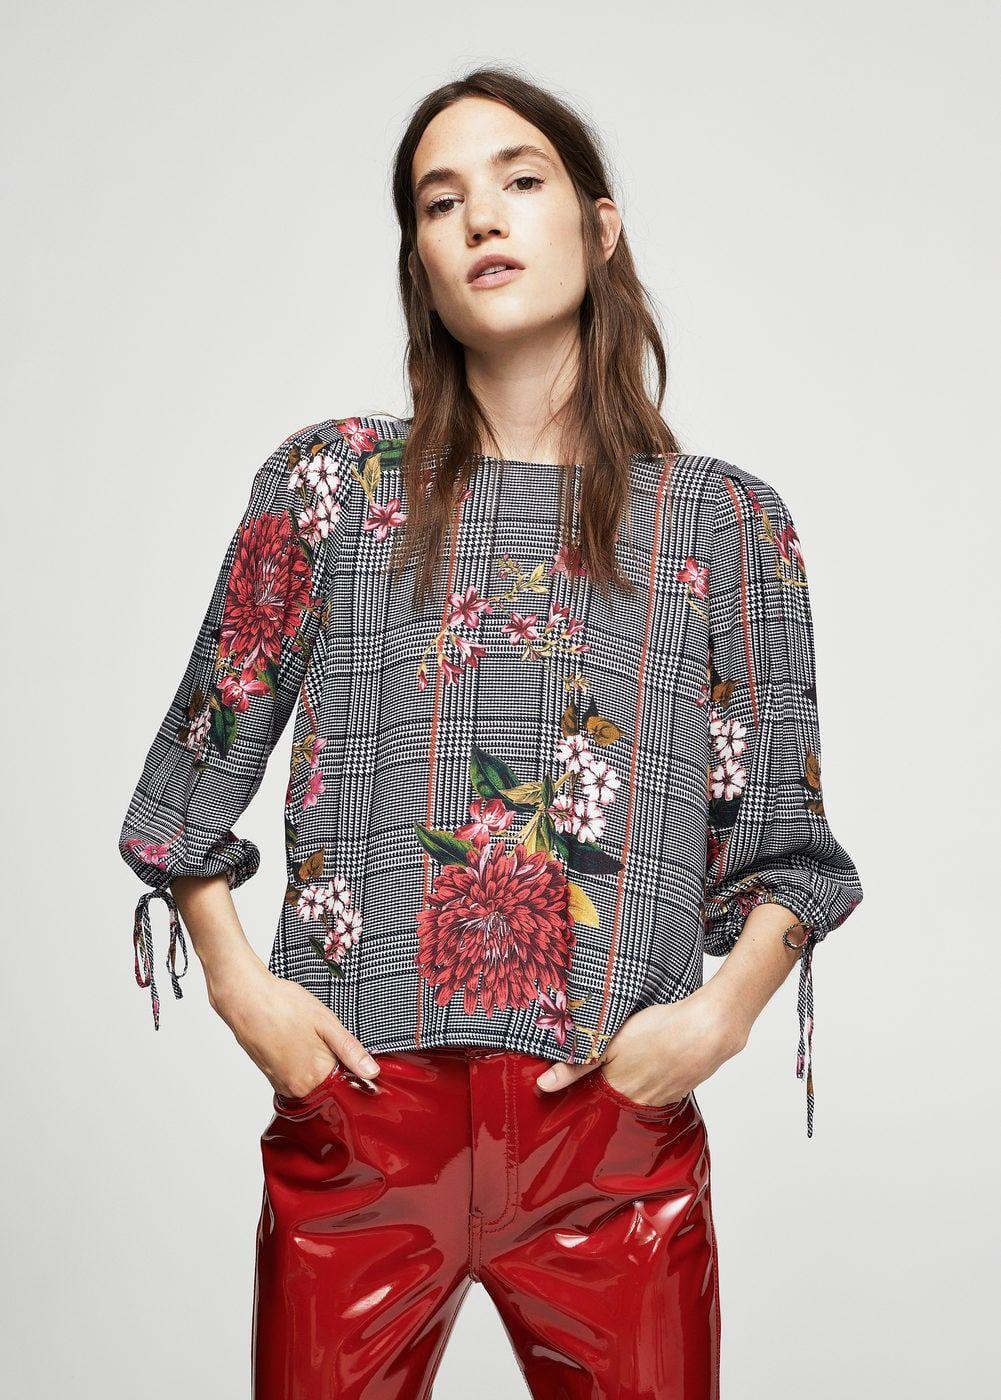 bastante baratas grande descuento venta cupón de descuento Blusa príncipe de gales floral - Mujer | Modelos de Costura ...